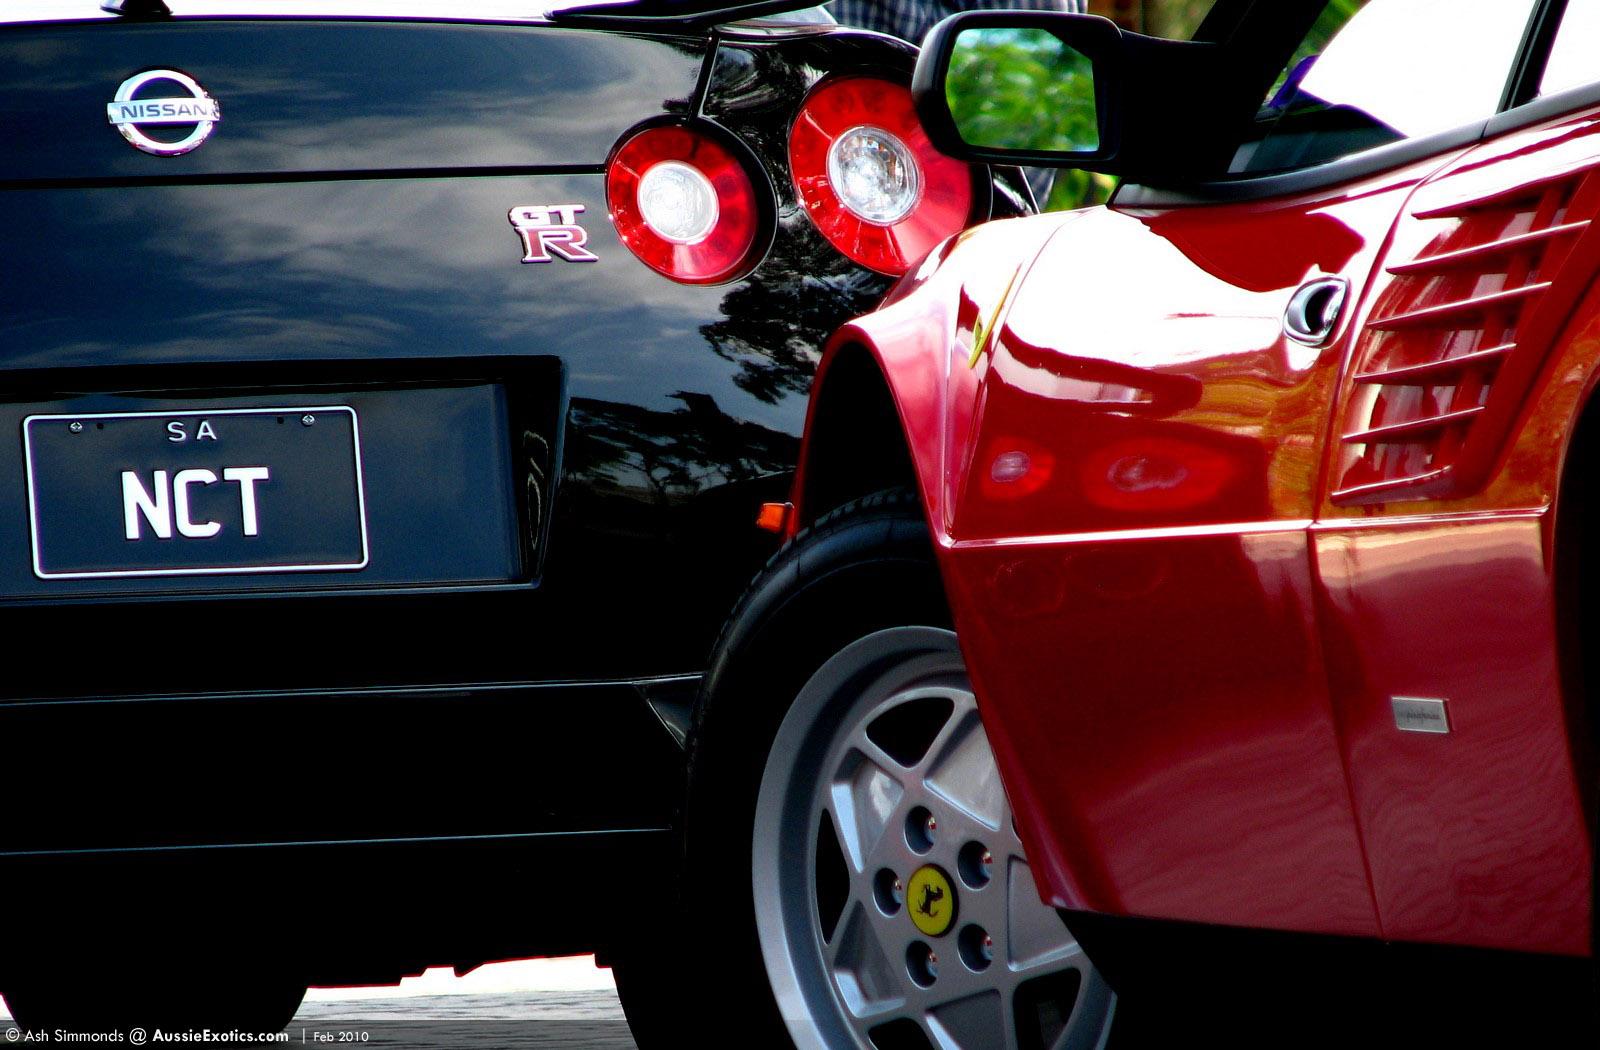 Ferrari Mondial and Nissan R35